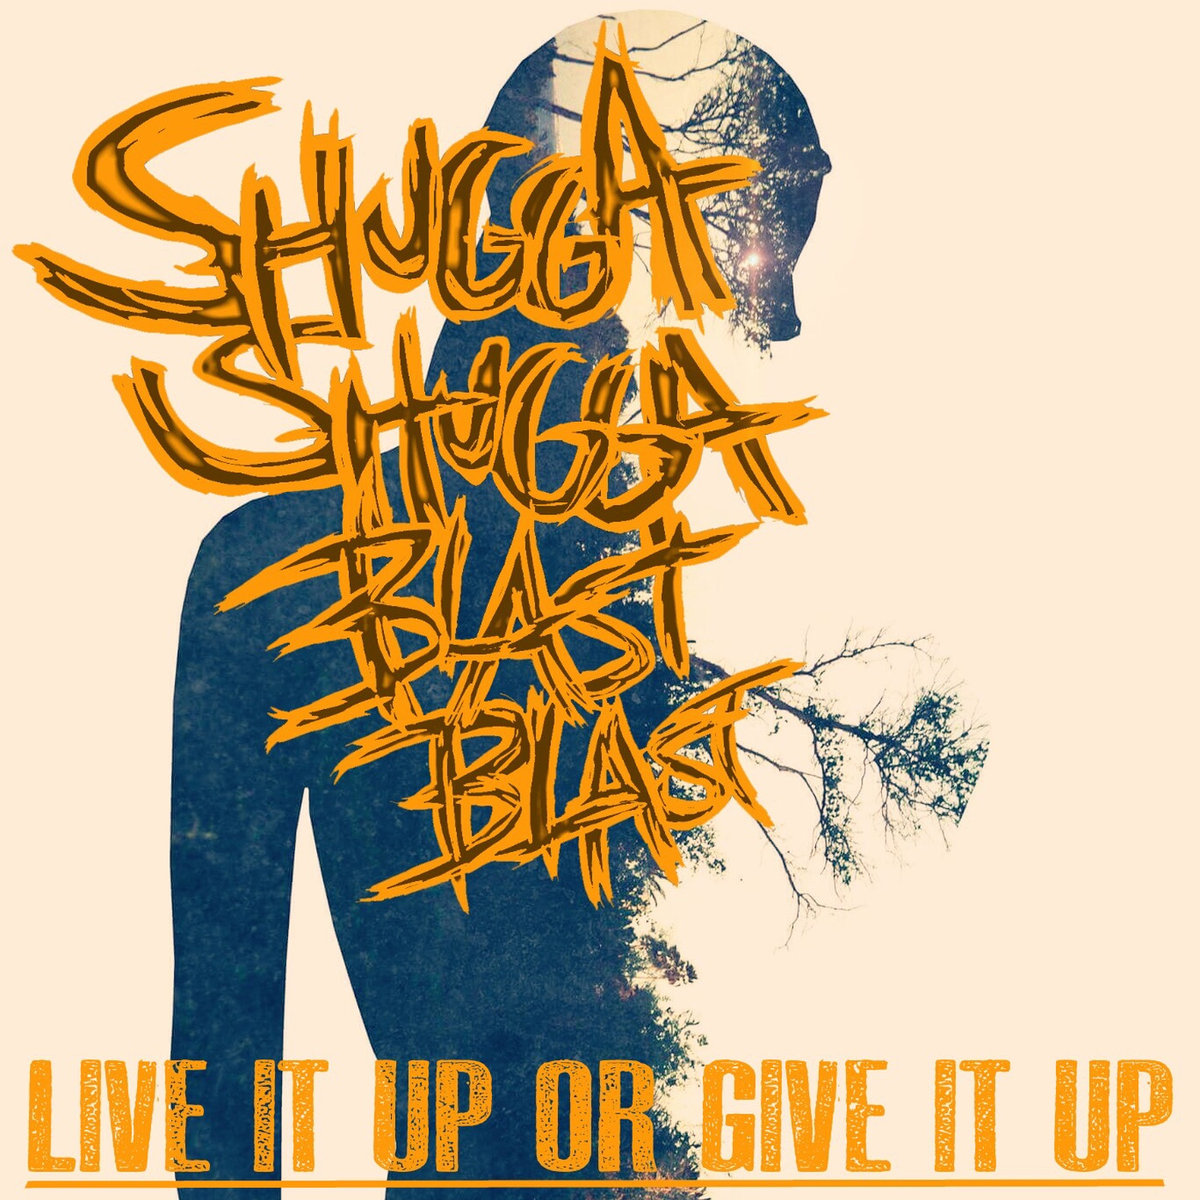 テクニカルなサウンドと特徴あるボーカルが光る!テキサスのポップパンクバンド「Shugga Shugga Blast Blast」がニューEPをリリース!